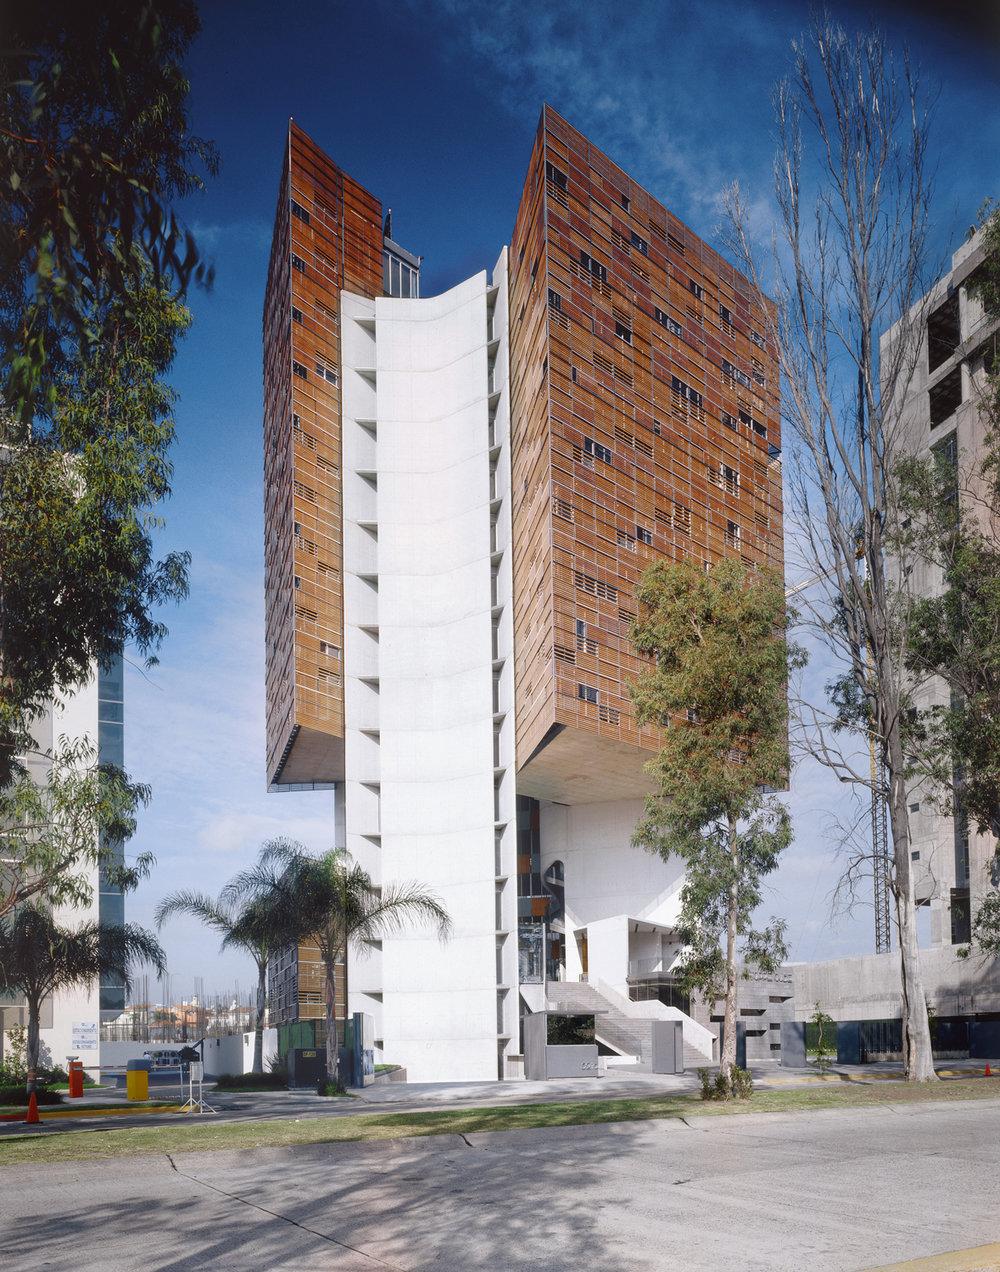 Estudio Carme Pinòs' Torre Cube, Guadalajara, México